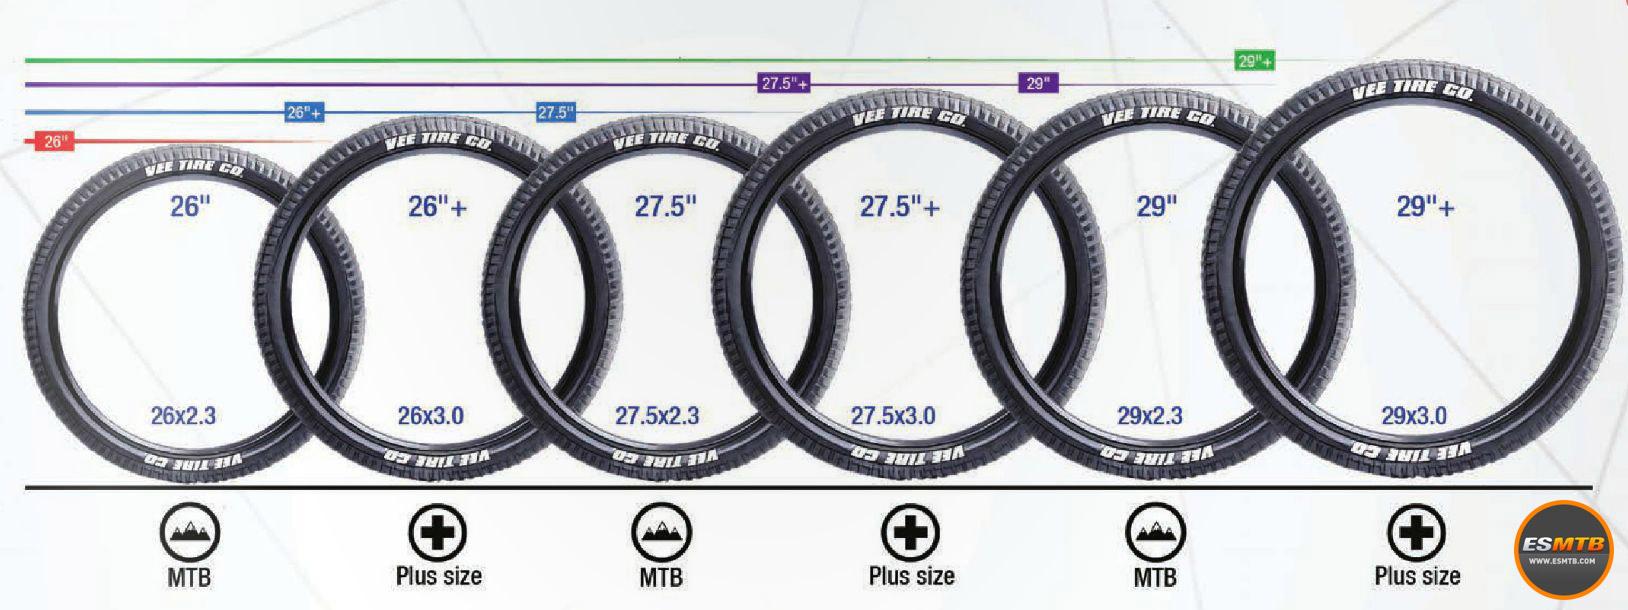 Gráfico con la comparación de todas las medidas de rueda con neumático normal y su versión Plus